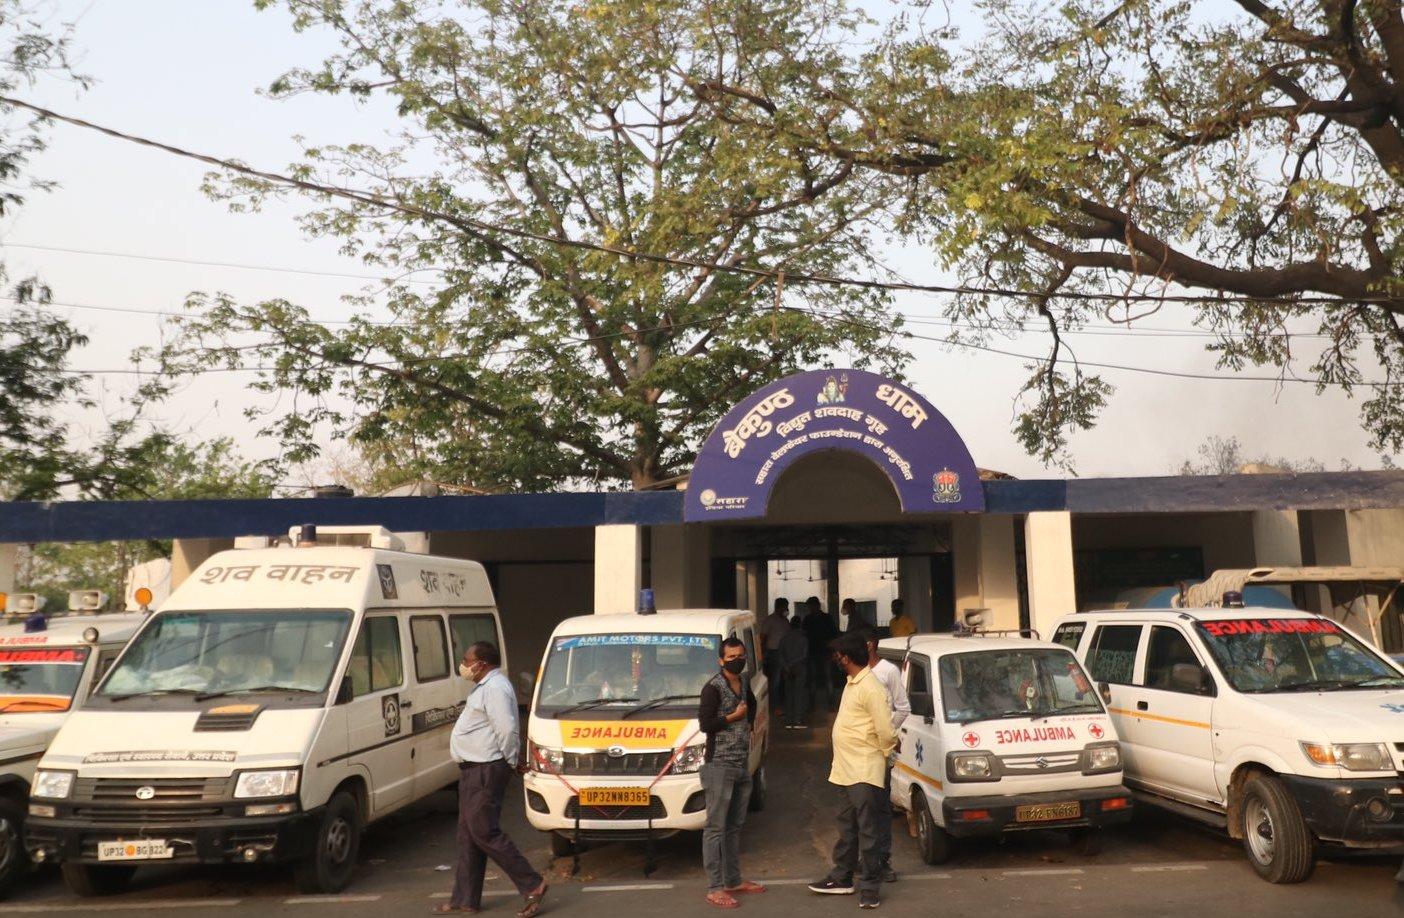 लखनऊ: श्मशान घाट में अंतिम संस्कार के लिए करना पड़ रहा 12 घंटे तक इंतजार